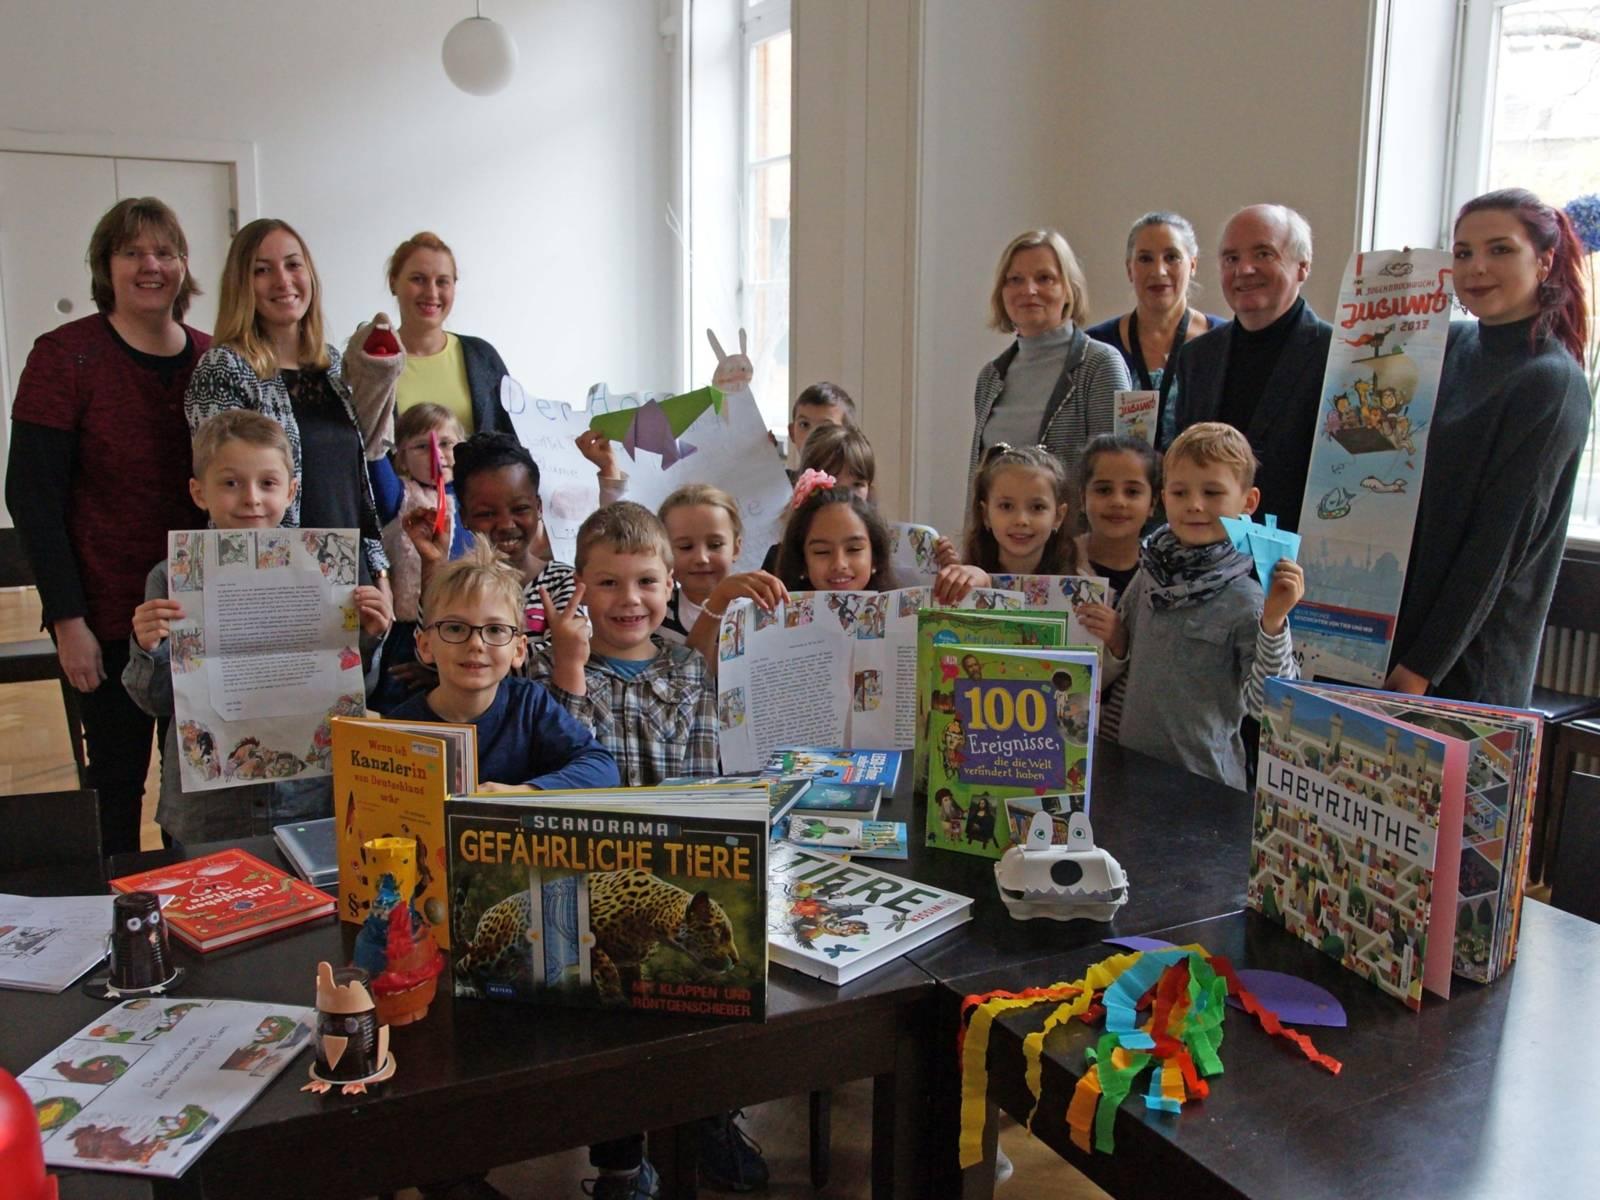 Eine Gruppe Kinder an einem Tisch voll mit Büchern, hinter ihnen steht eine Gruppe Erwachsener.